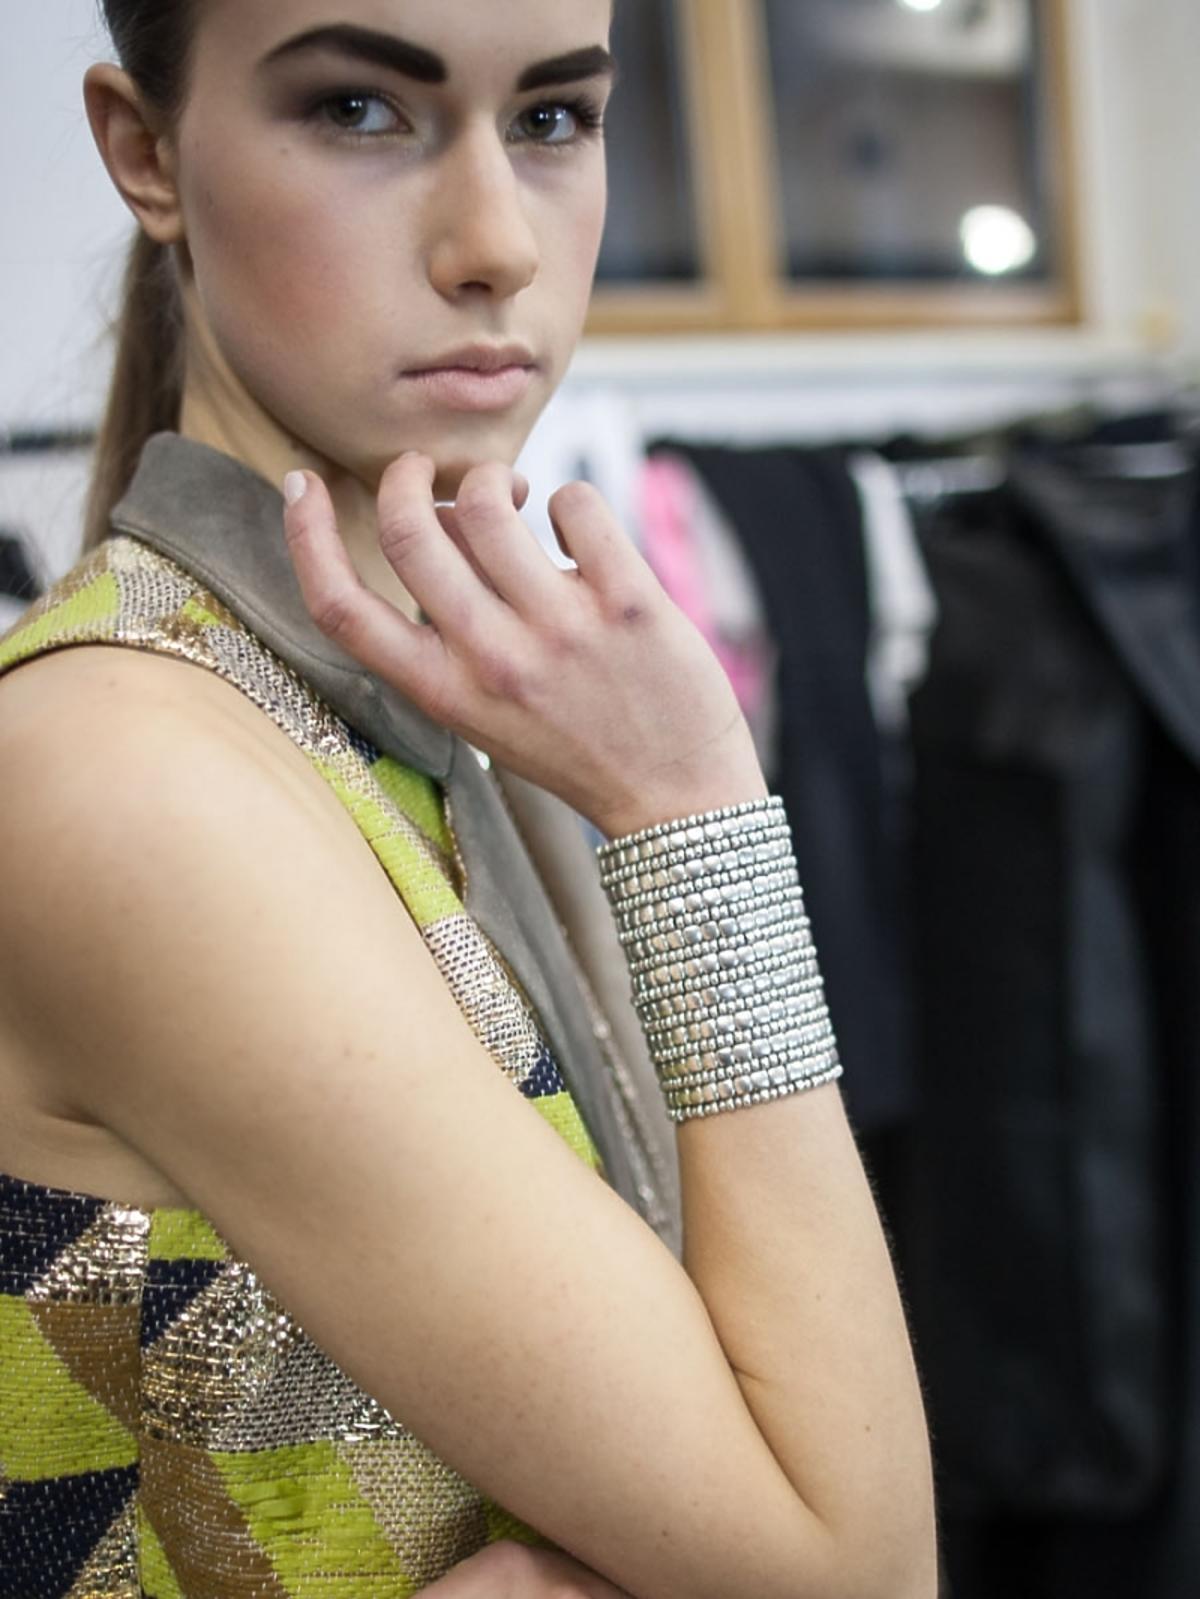 Biżuteria Mokobelle dopełniła stylizację kreacji polskich projektantów